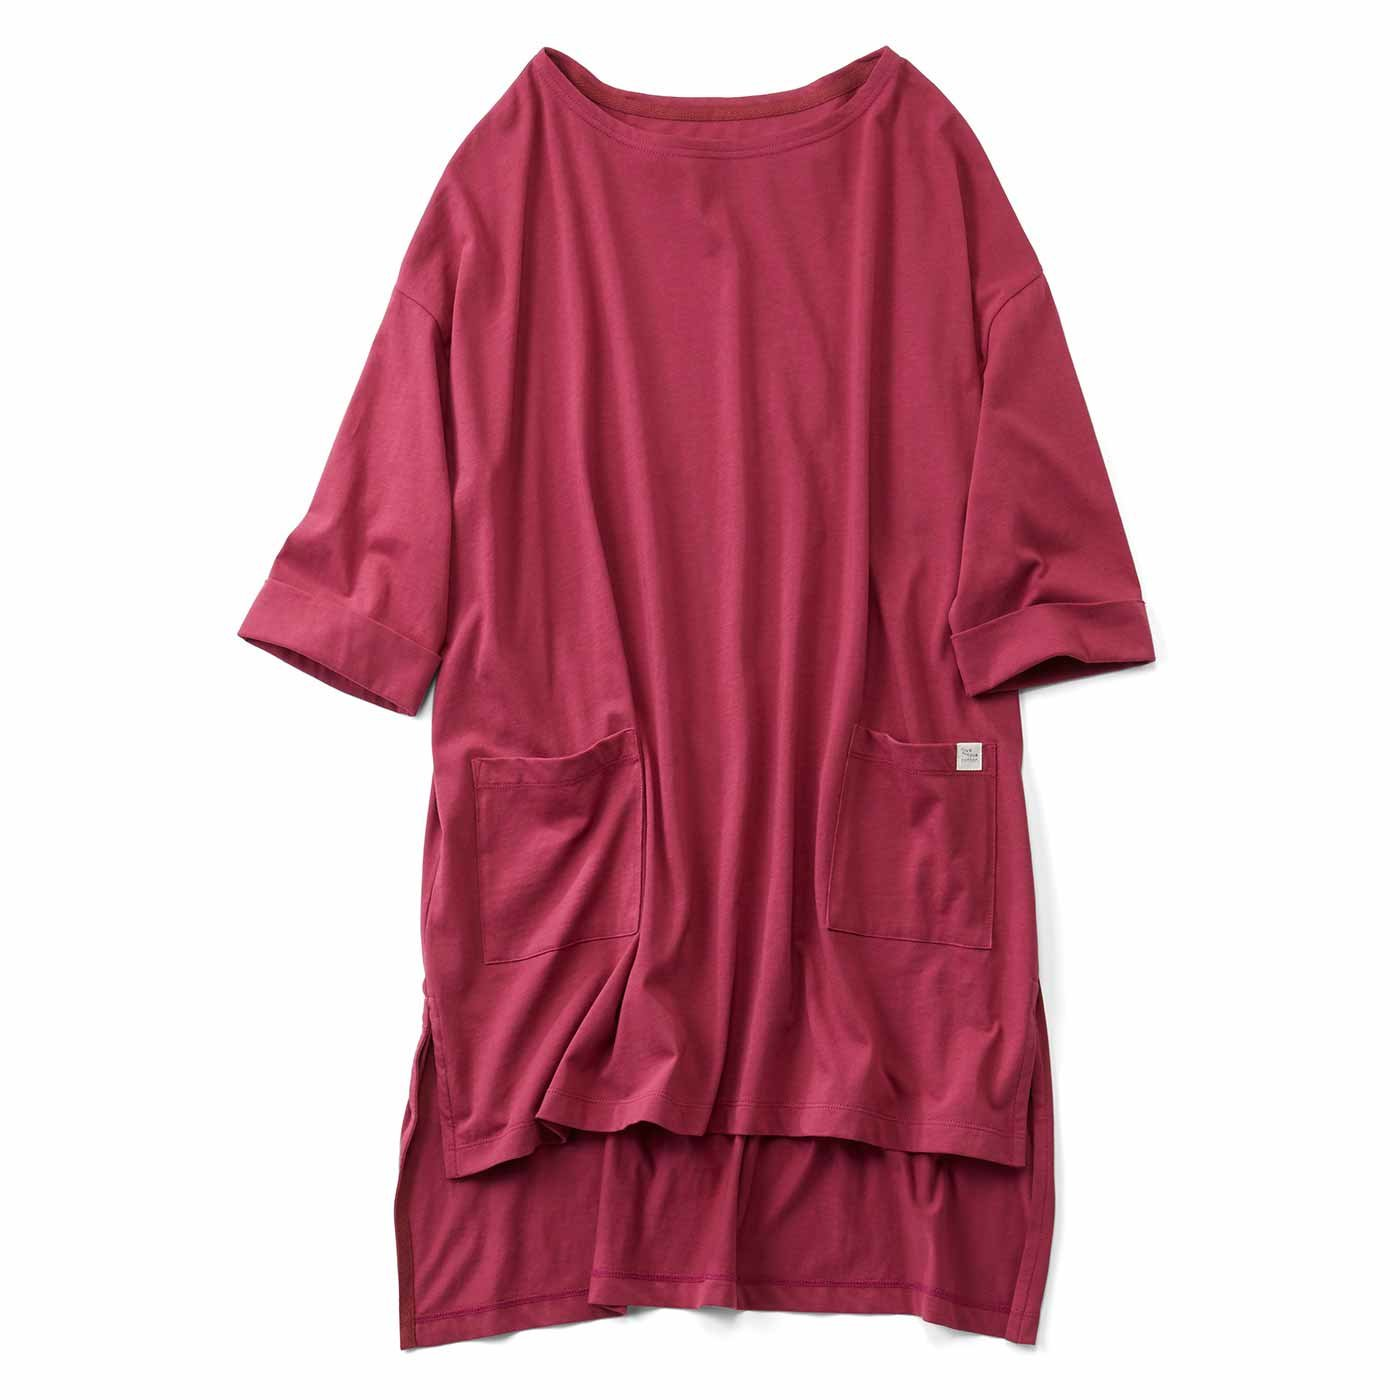 【3~10日でお届け】Live love cottonプロジェクト リブ イン コンフォート ざばっと着るだけ Tシャツ感覚のオーガニックコットンチュニック〈ローズレッド〉